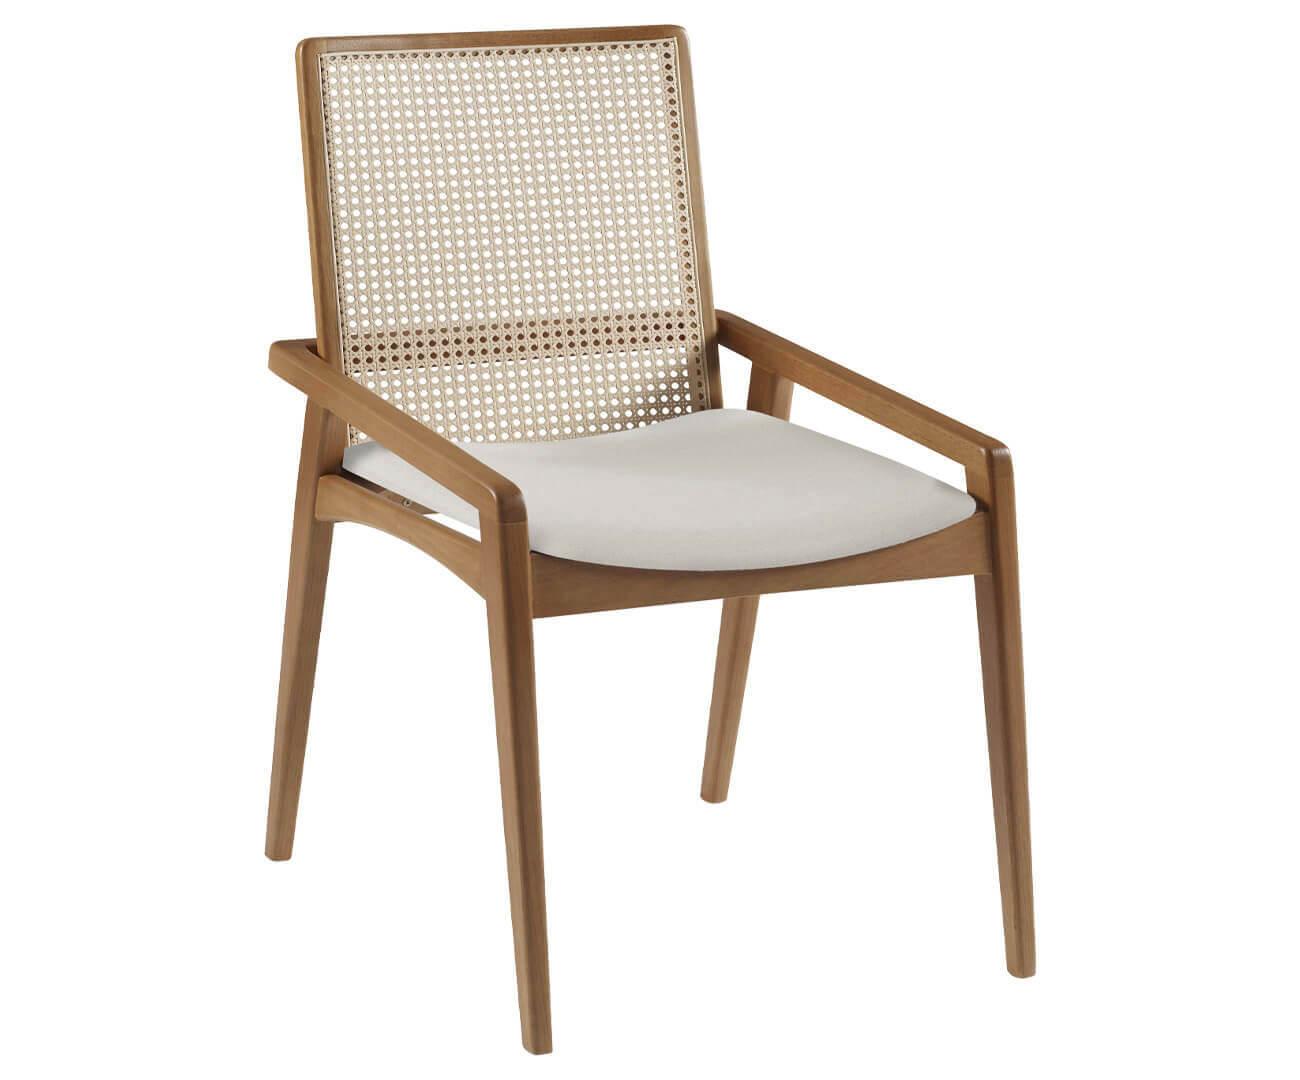 cadeira em palha maiorca 1349